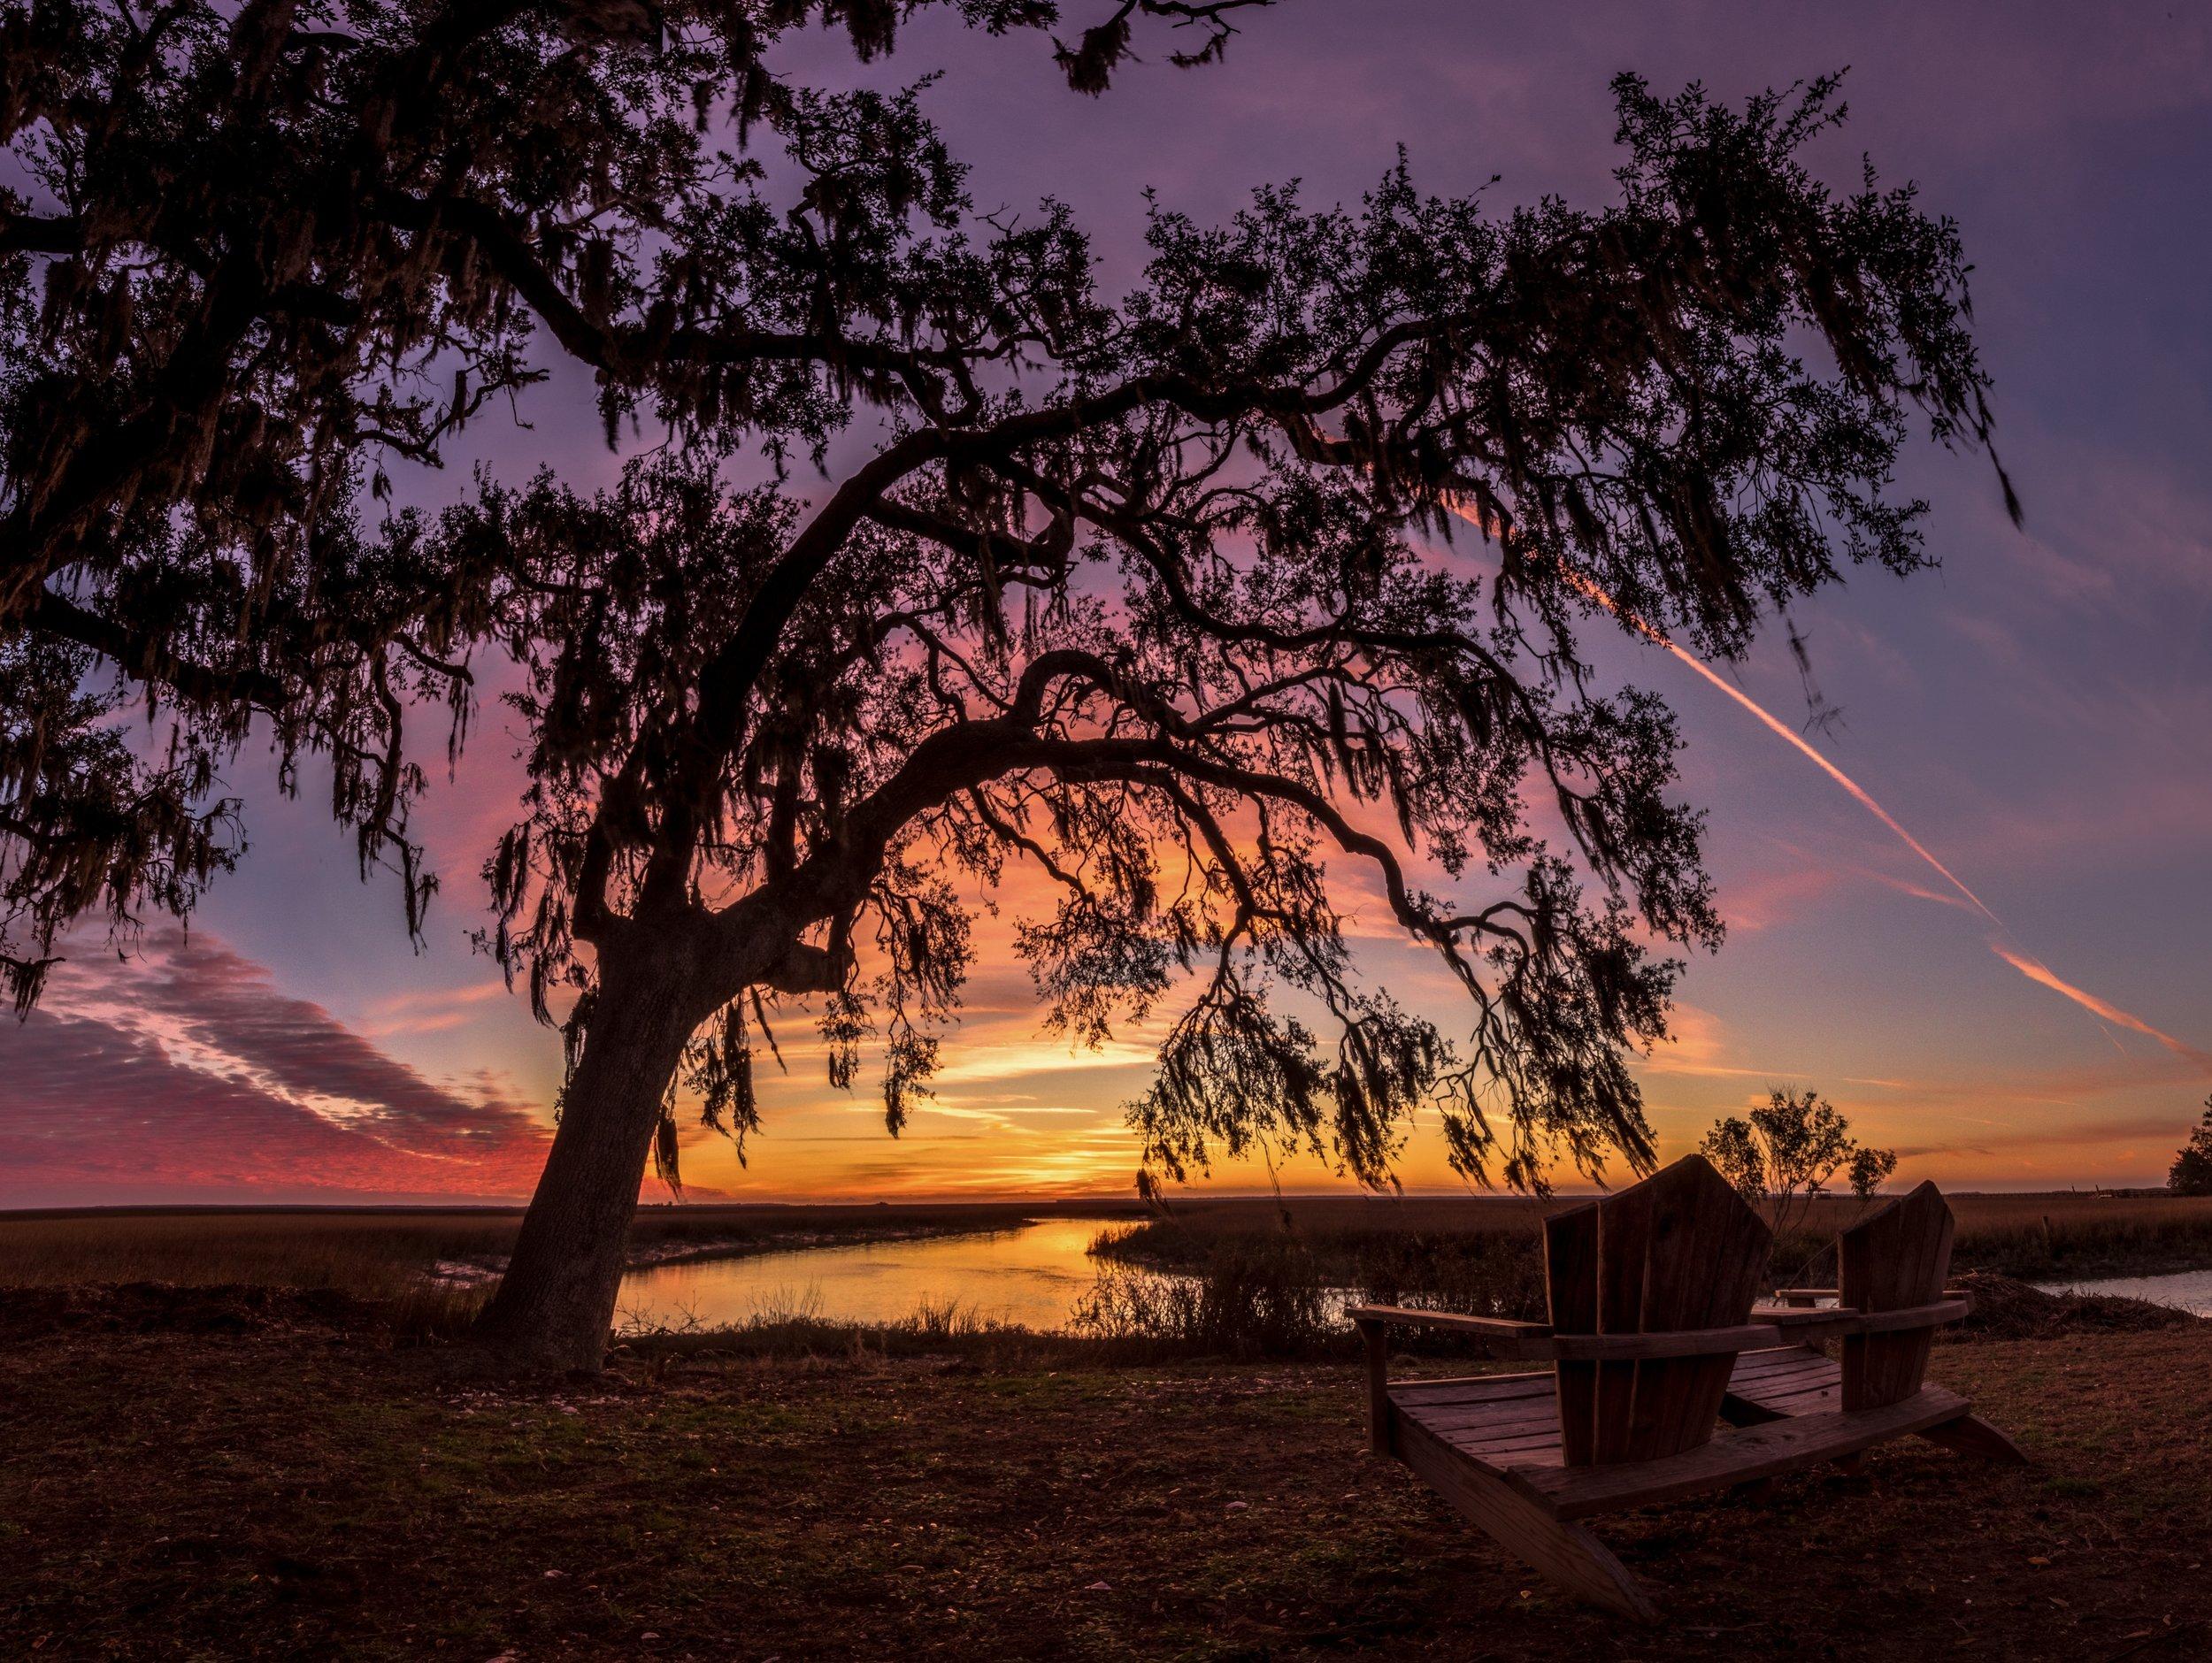 sunrise 2-3-18-1.jpg